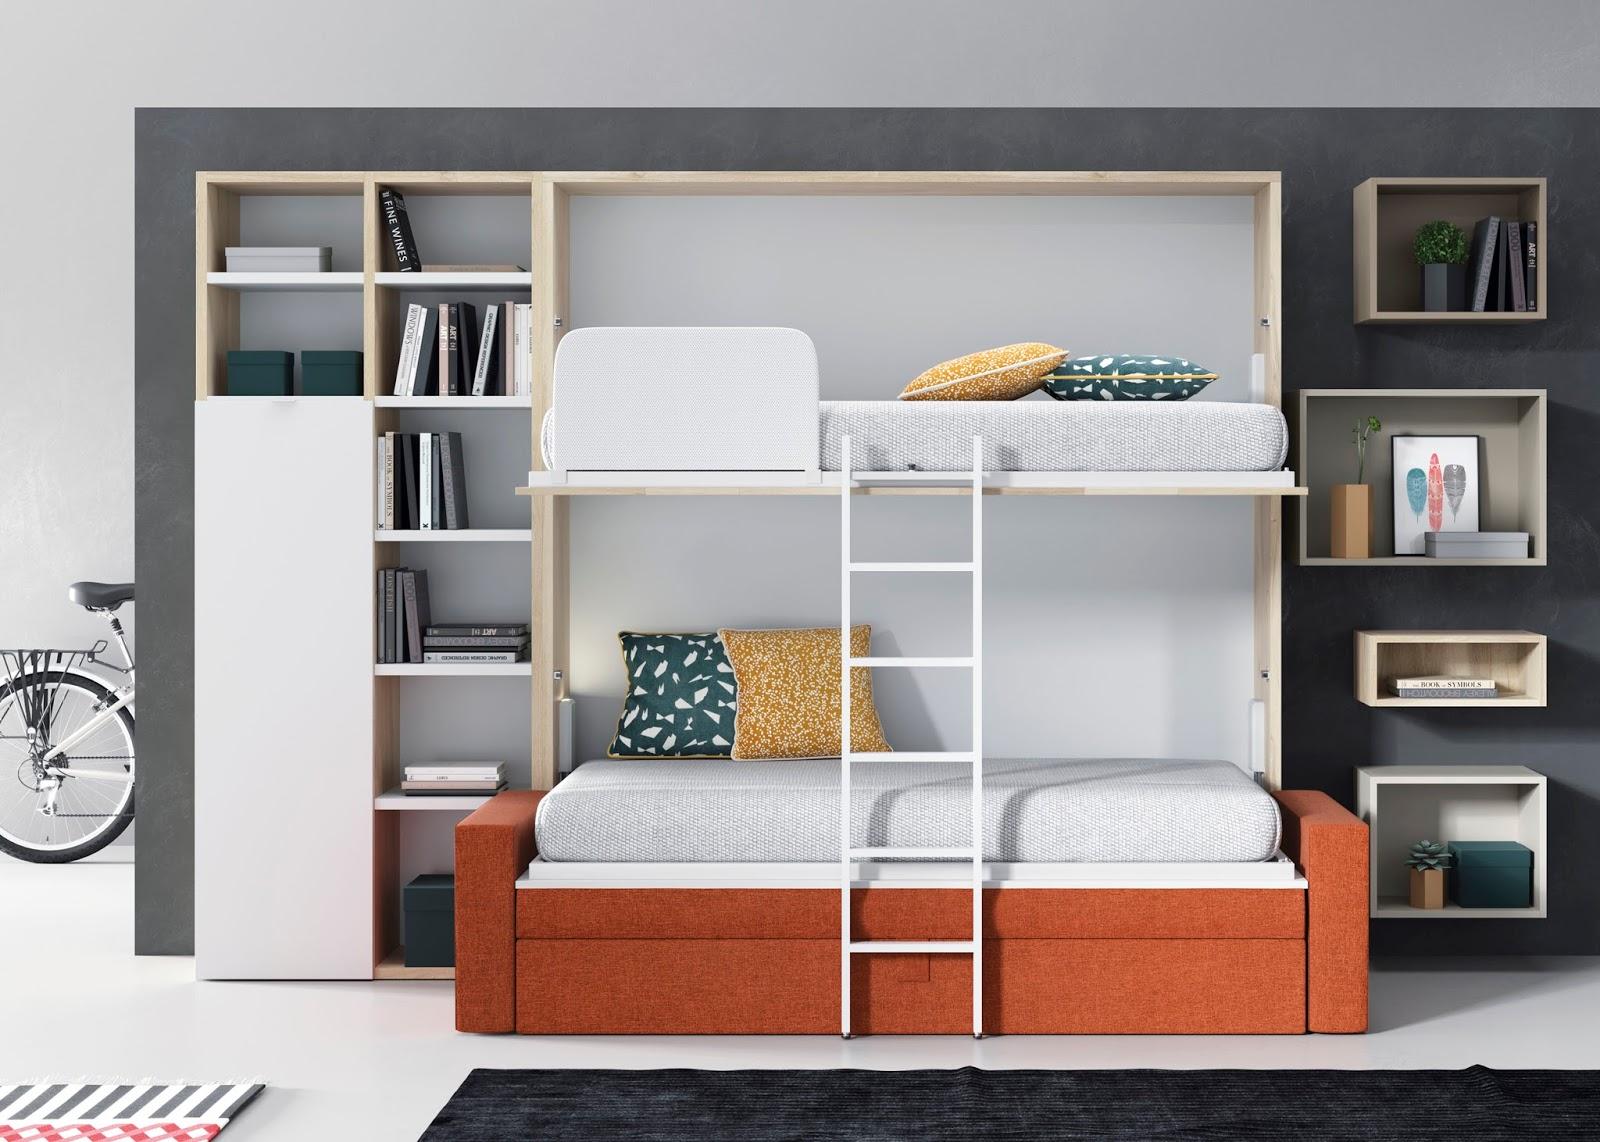 Literas abatibles con sof incorporado - Literas precios modelos ...